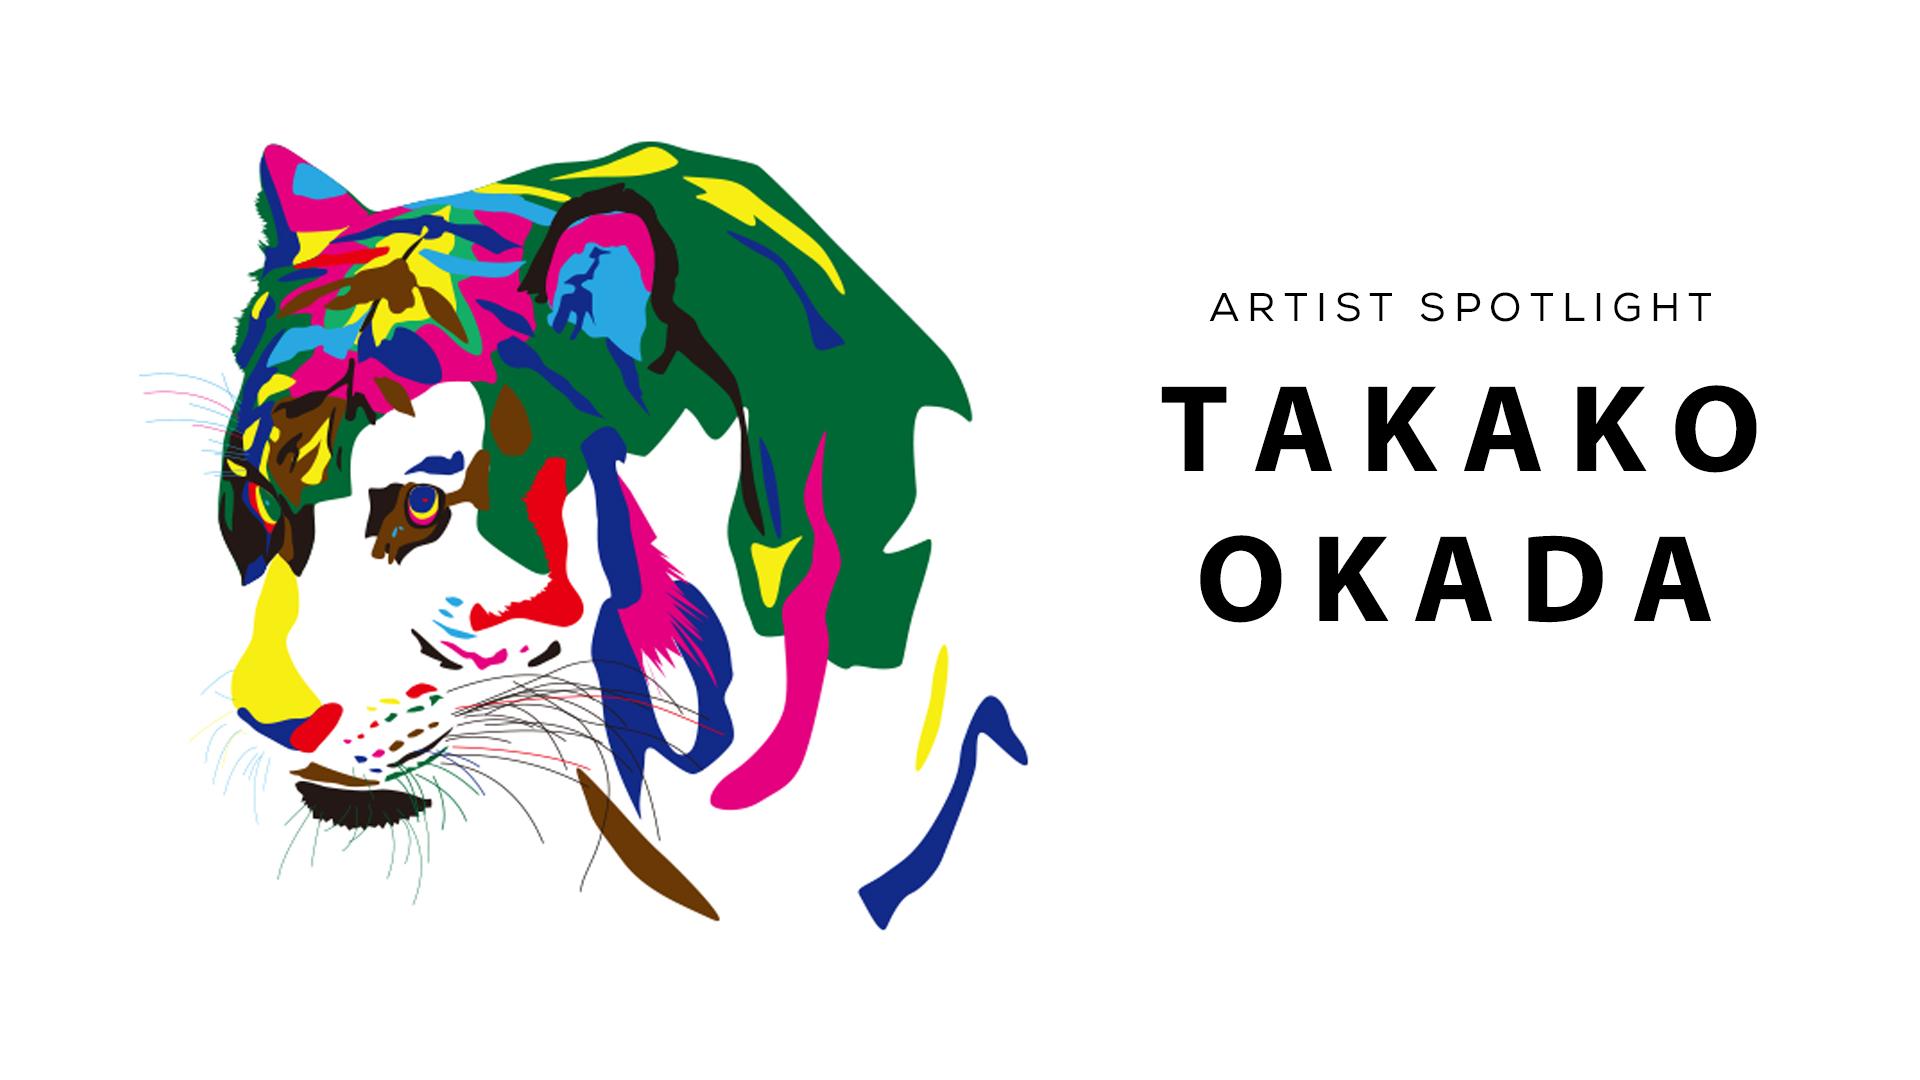 1920x1080 Takako Okada Graphic Design Amp 2d Arts Tekuma